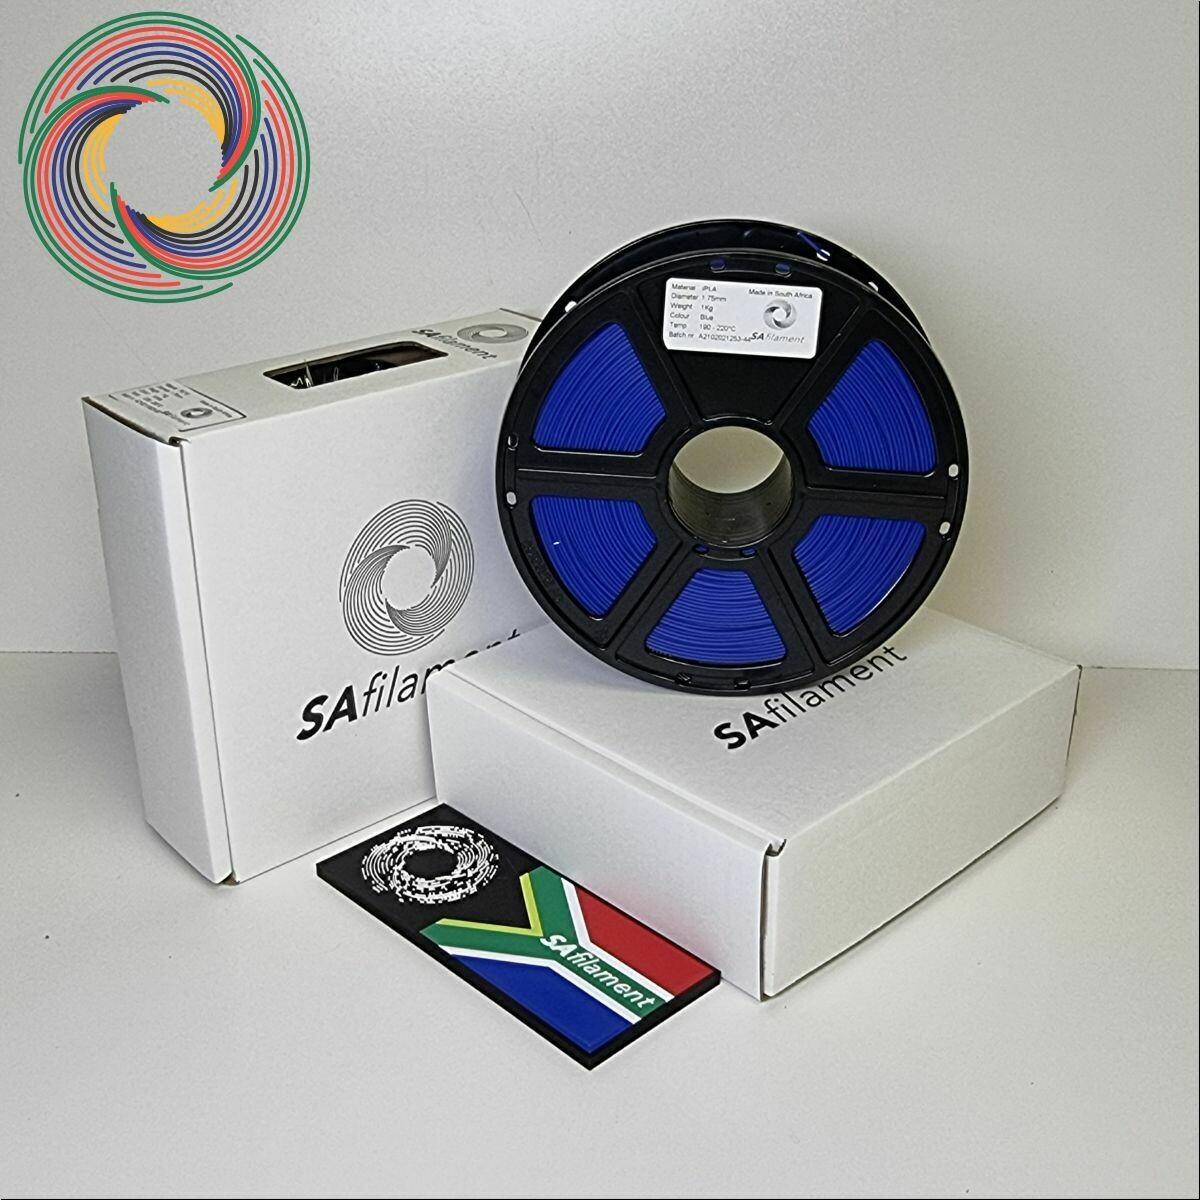 Indigo Blue PLA Filament, 1Kg, 1.75mm by SA Filament